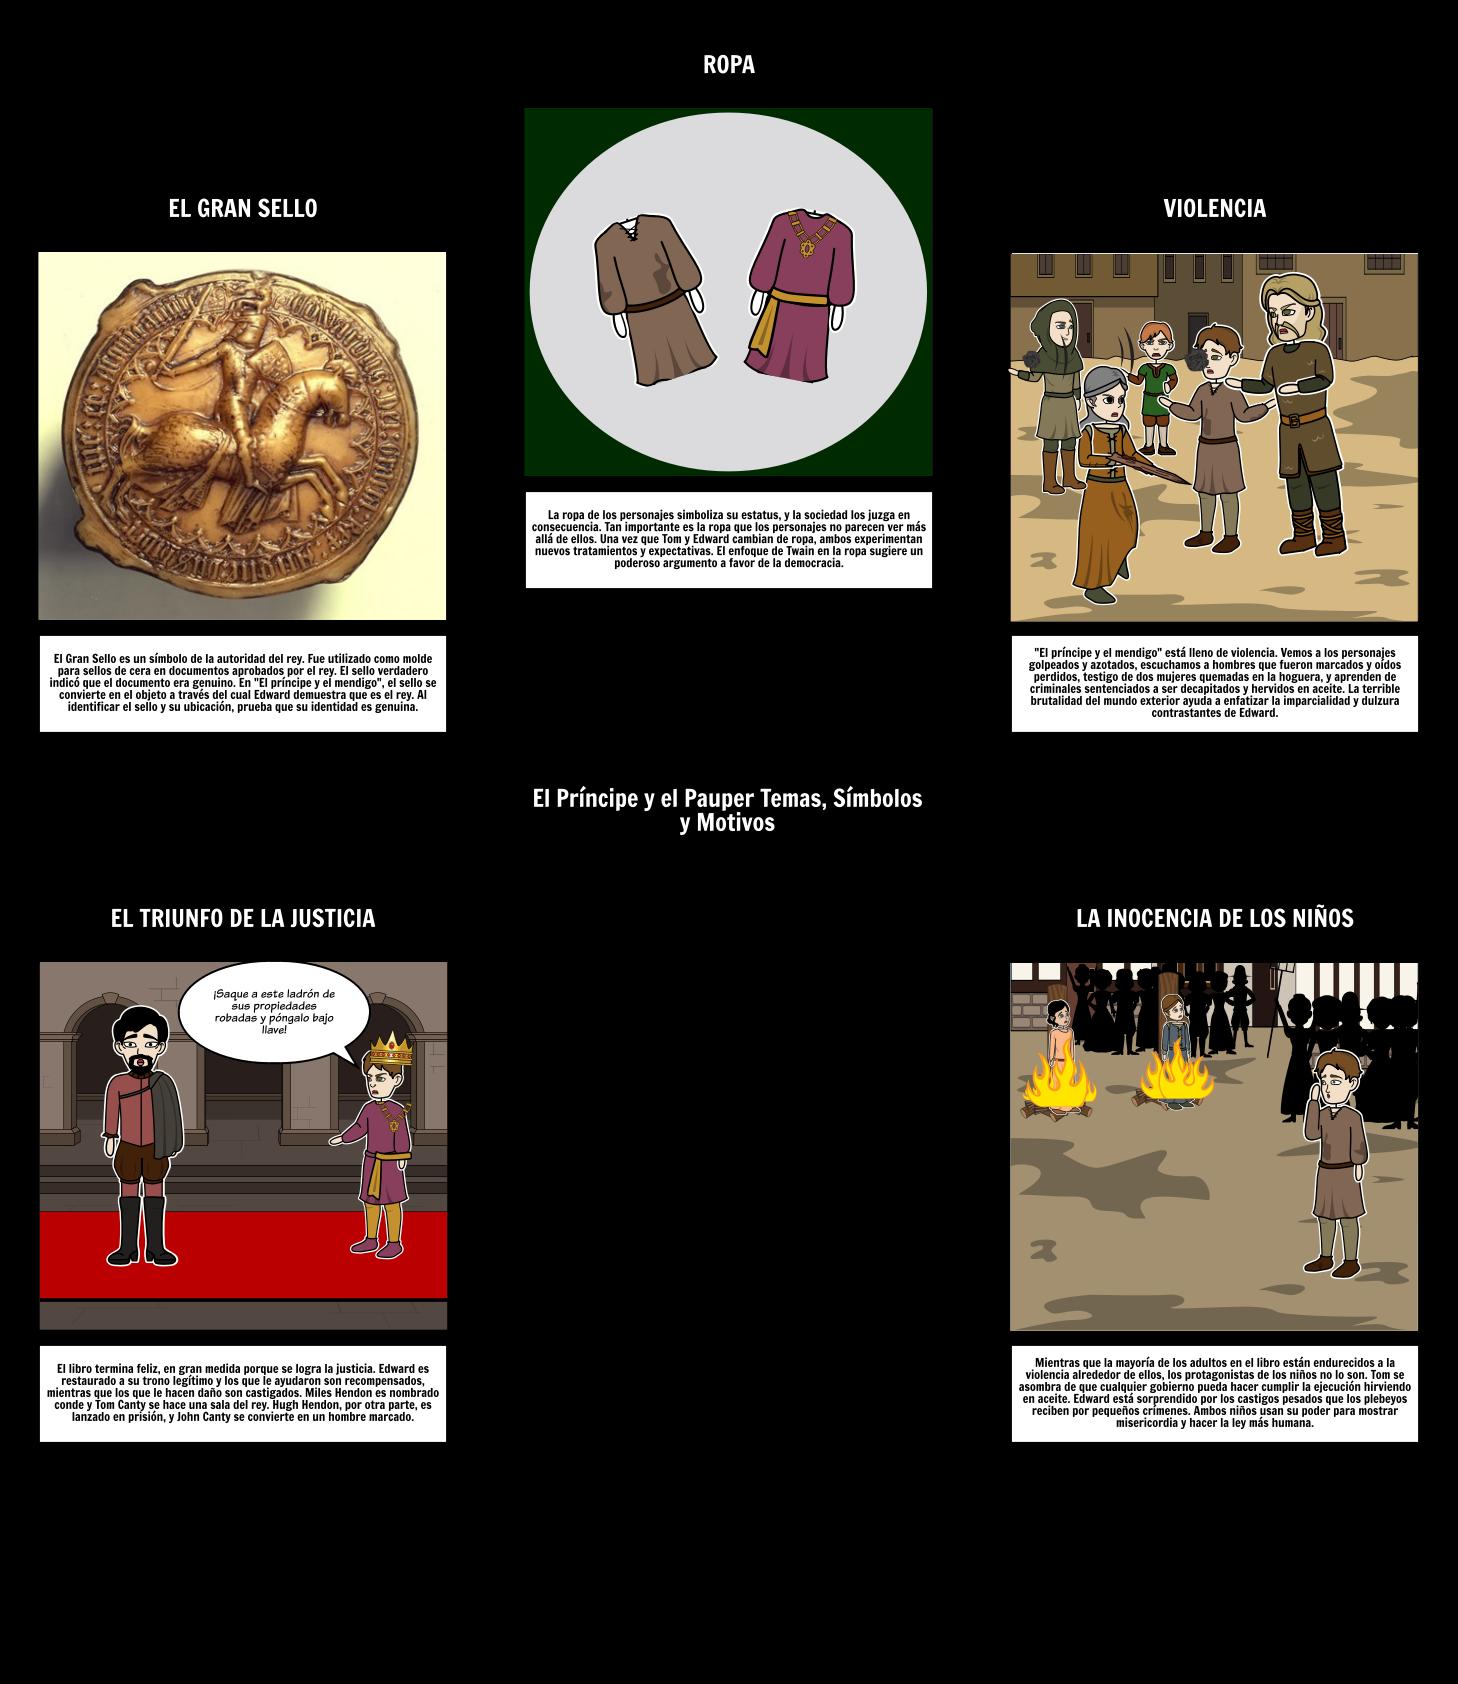 El Príncipe y el Pauper Temas, Motivos y Símbolos